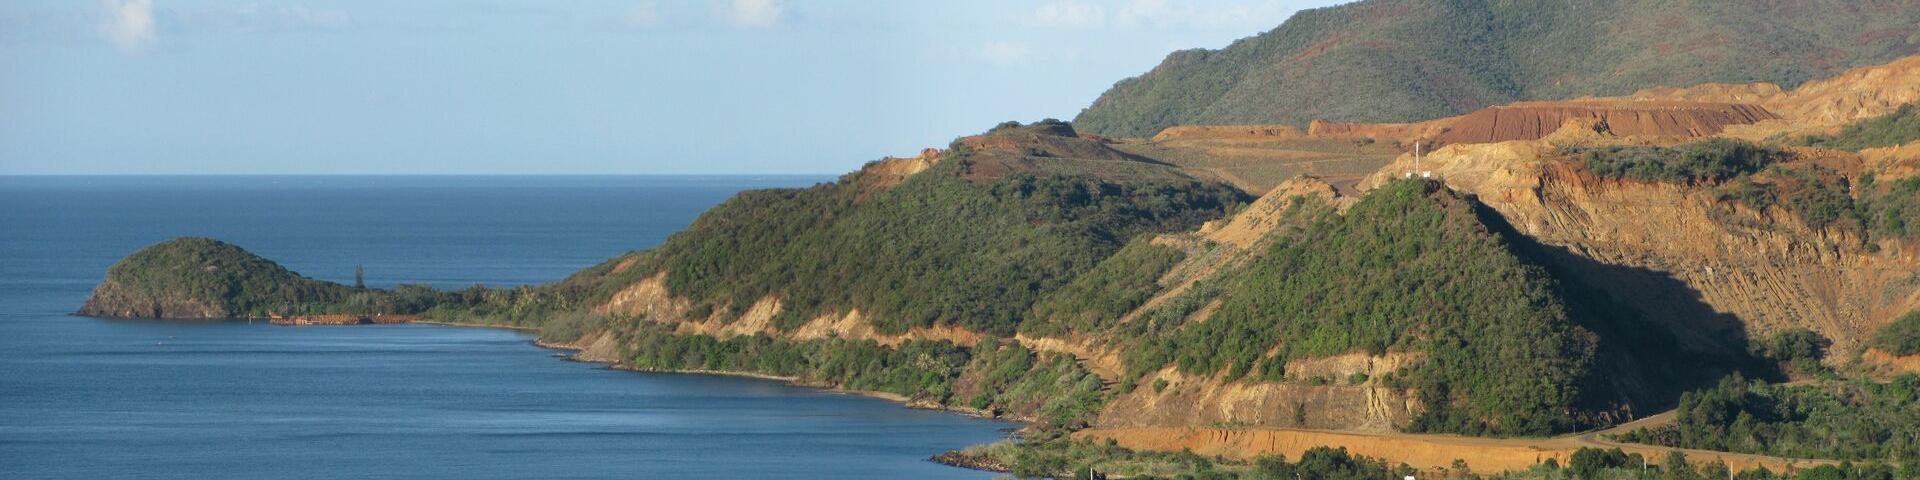 Vue panoramique de la mine de nickel de Bonini, Nouvelle Calédonie